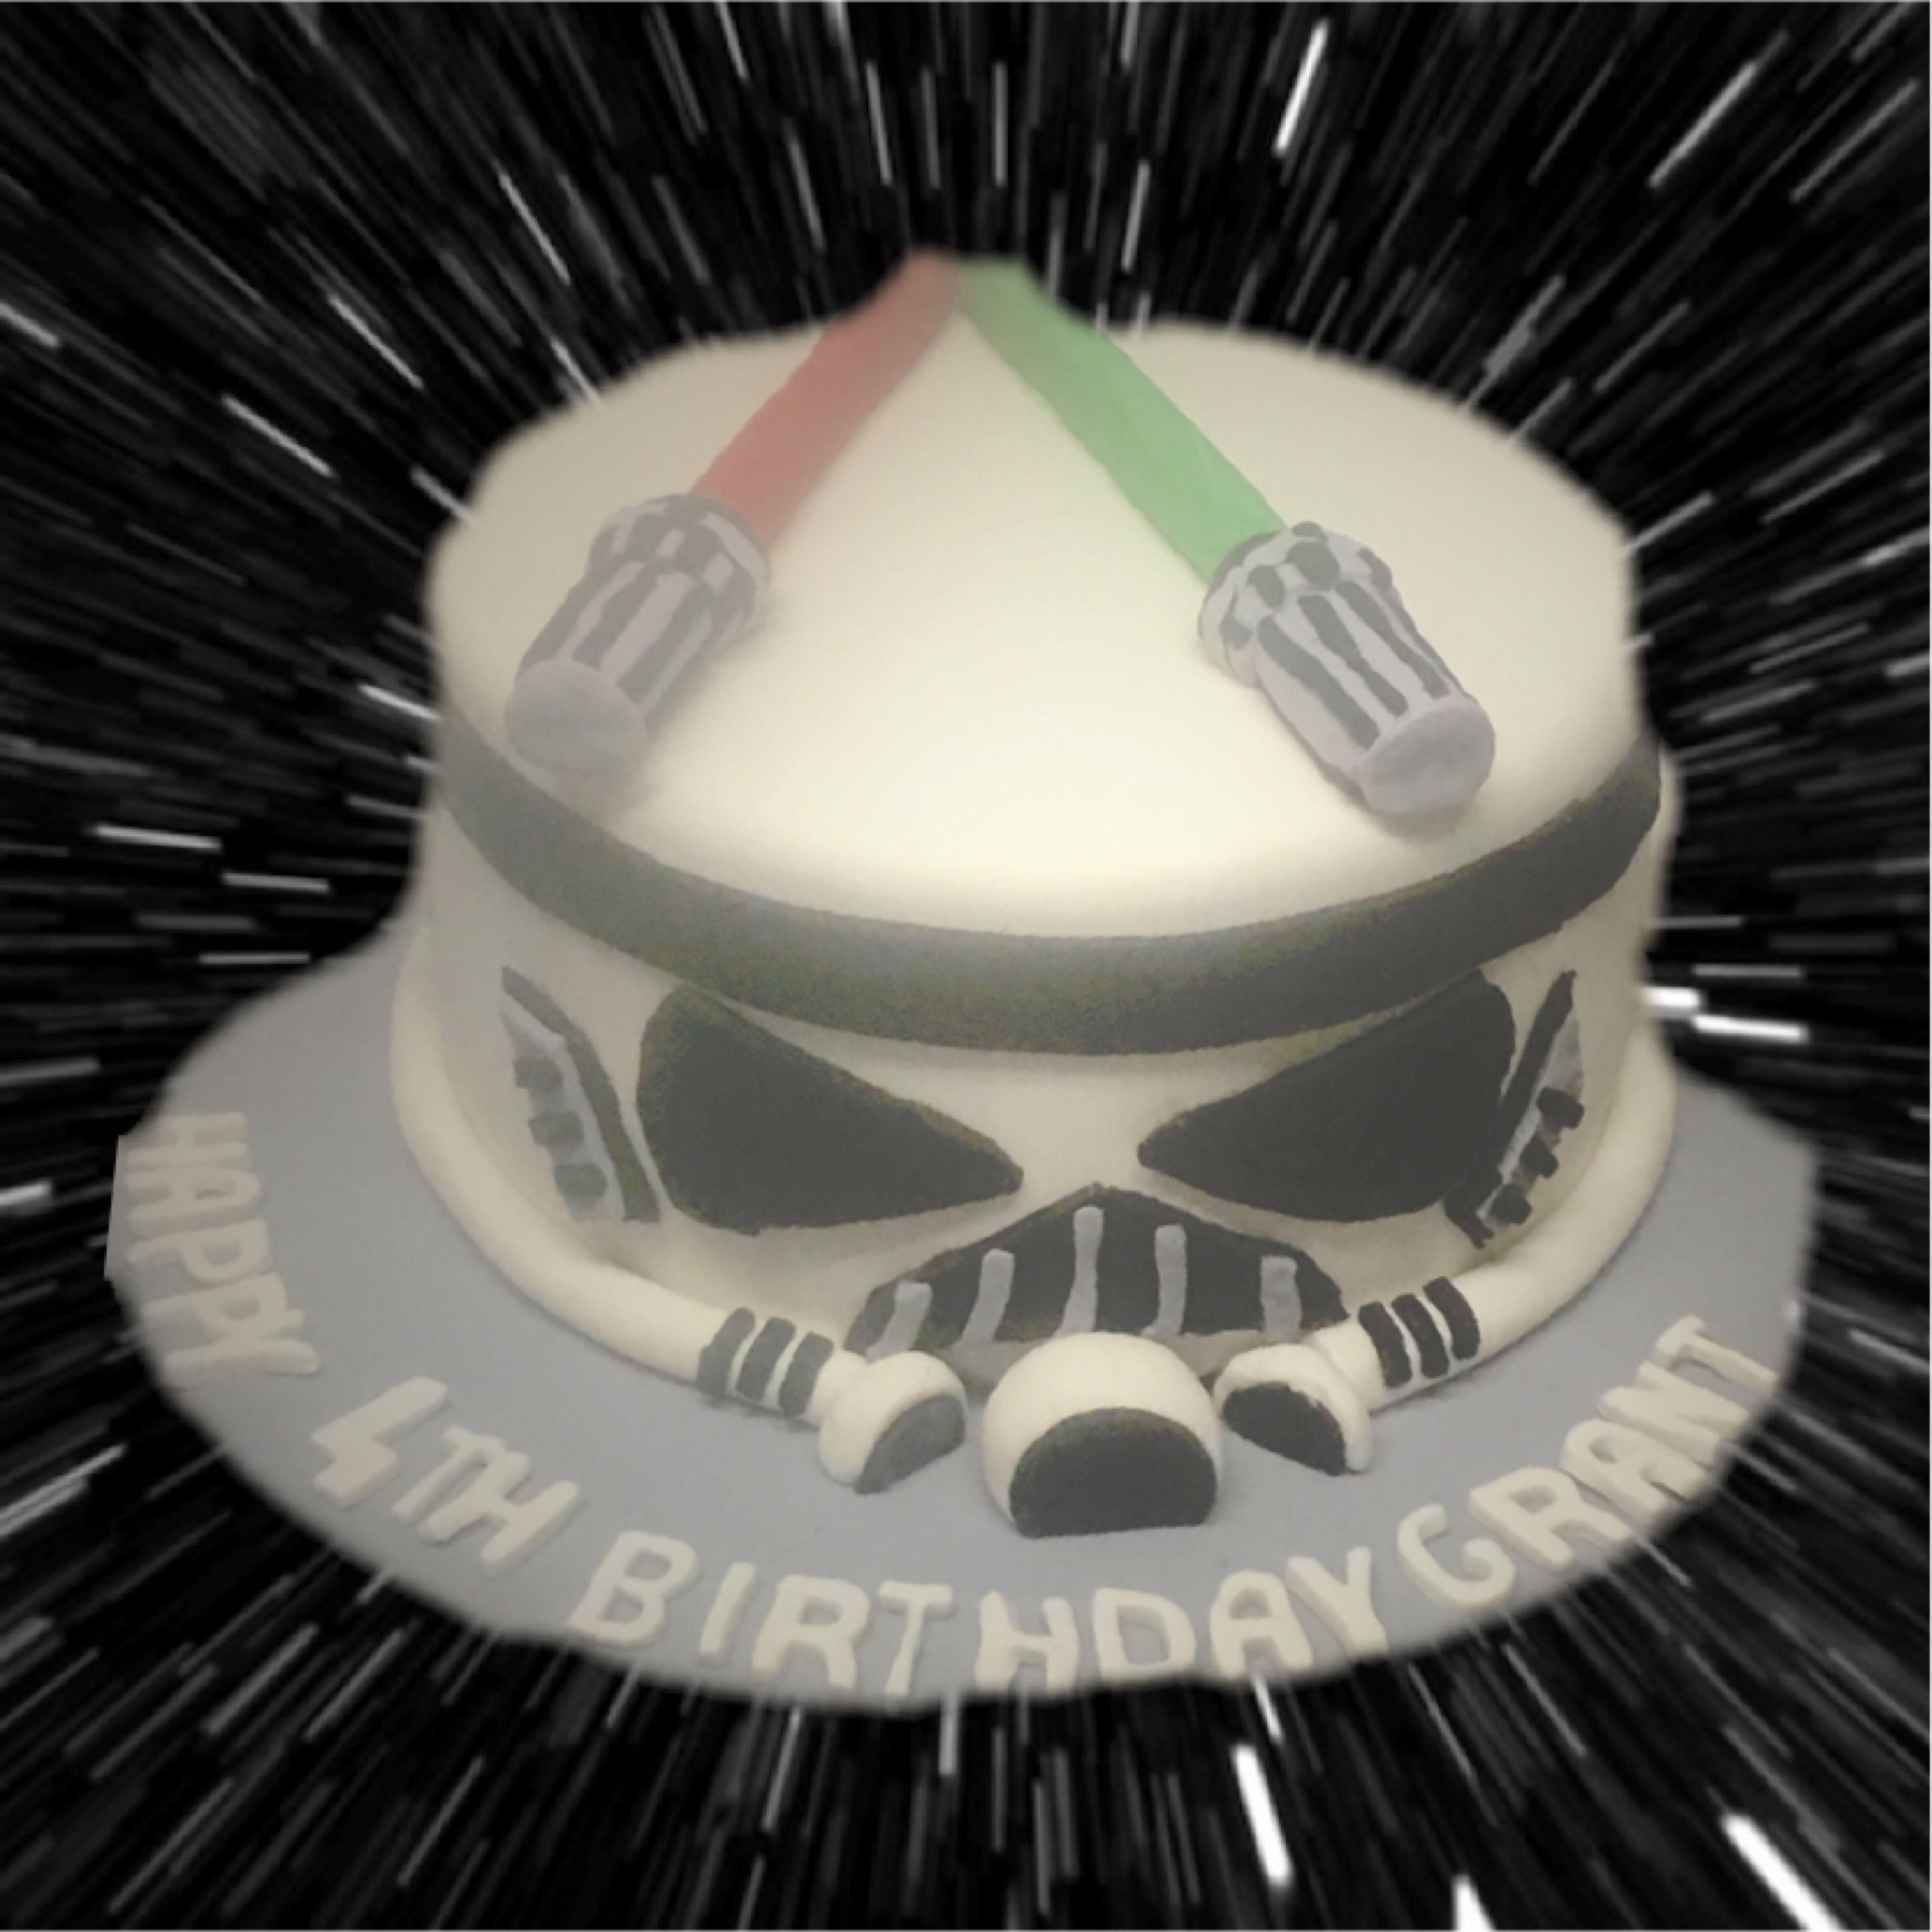 Surprising Storm Trooper Birthday Cake Star Wars Themed Muellers Bakery Personalised Birthday Cards Vishlily Jamesorg